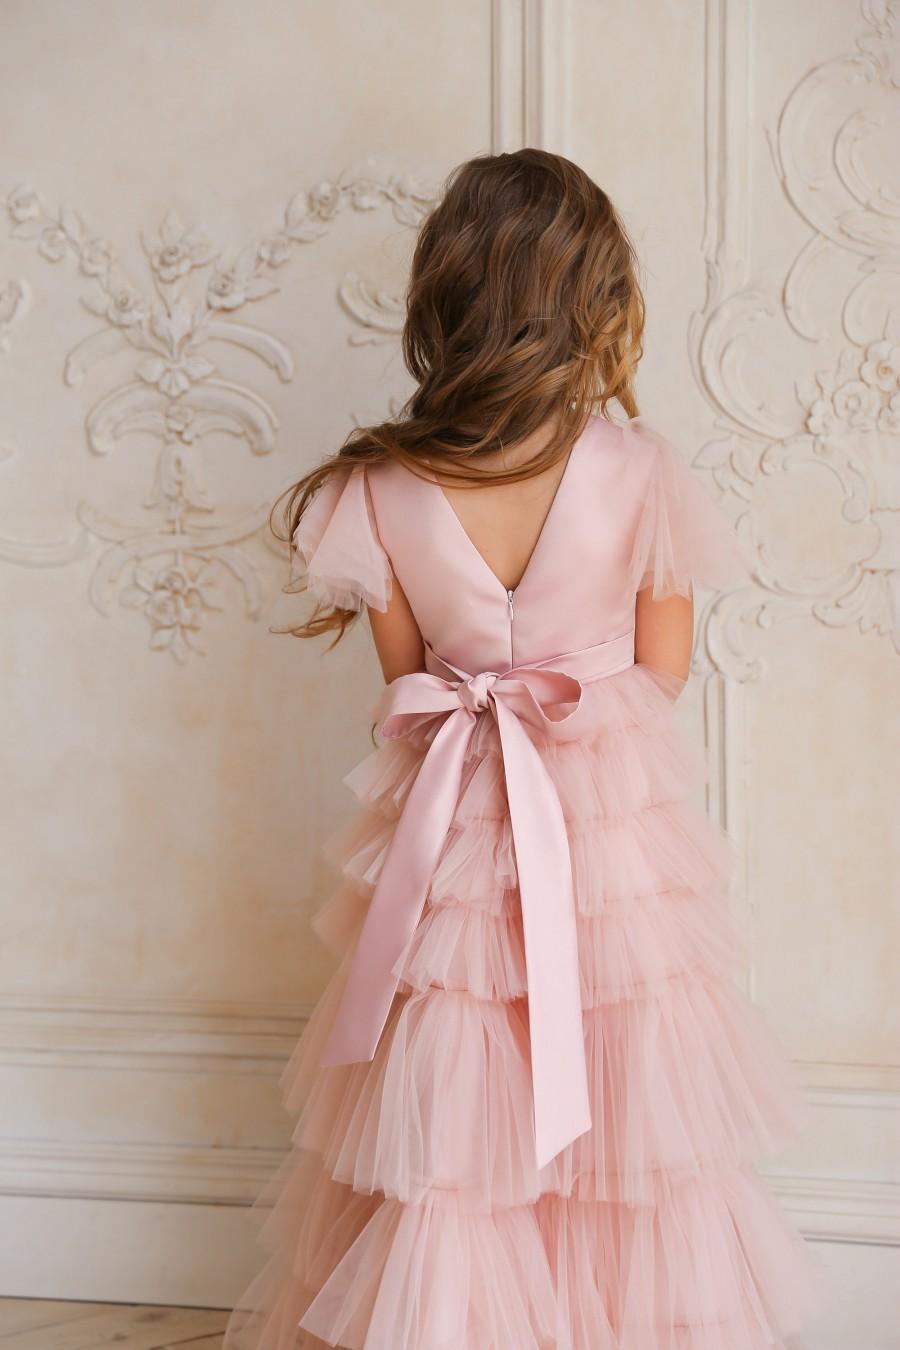 زفاف - Flower girl dress, Blush flower girl dress, flower girl dress tulle, flower girl dress tulle blush, boho flower girl dress